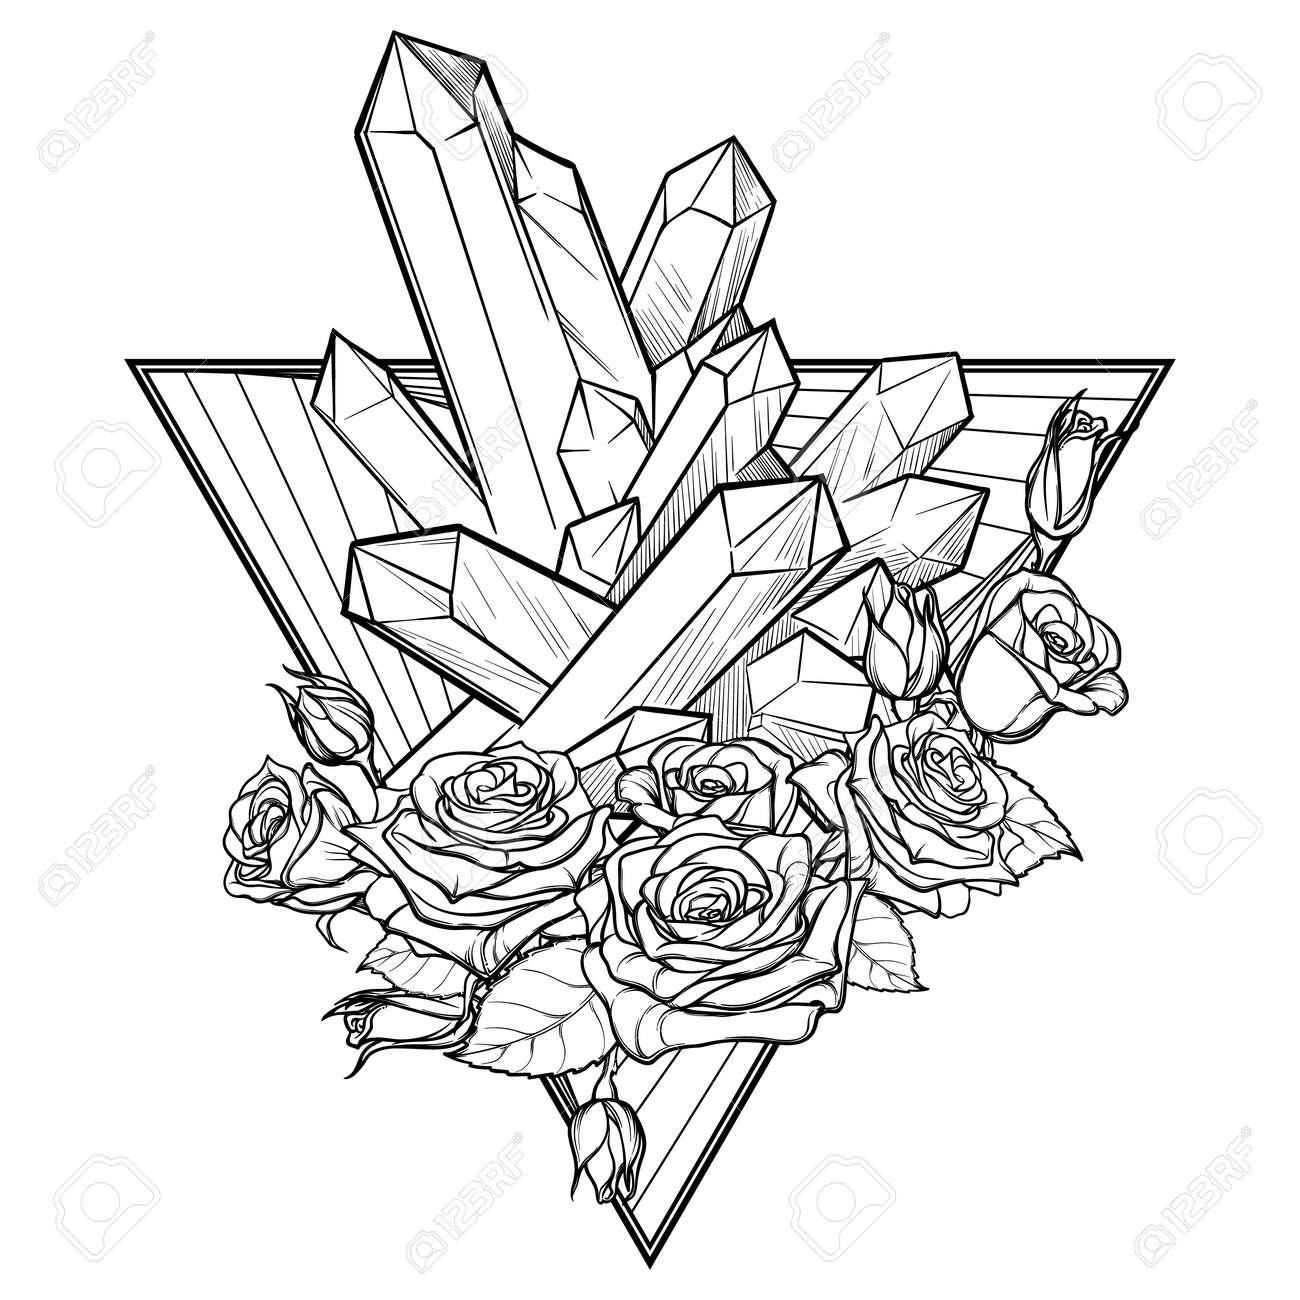 Signo Del Elemento Alquímico De La Tierra Abajo Señalando El Triángulo Con Guirnalda De Rosas Y Cristales De Punta Diseño Conceptual Para El